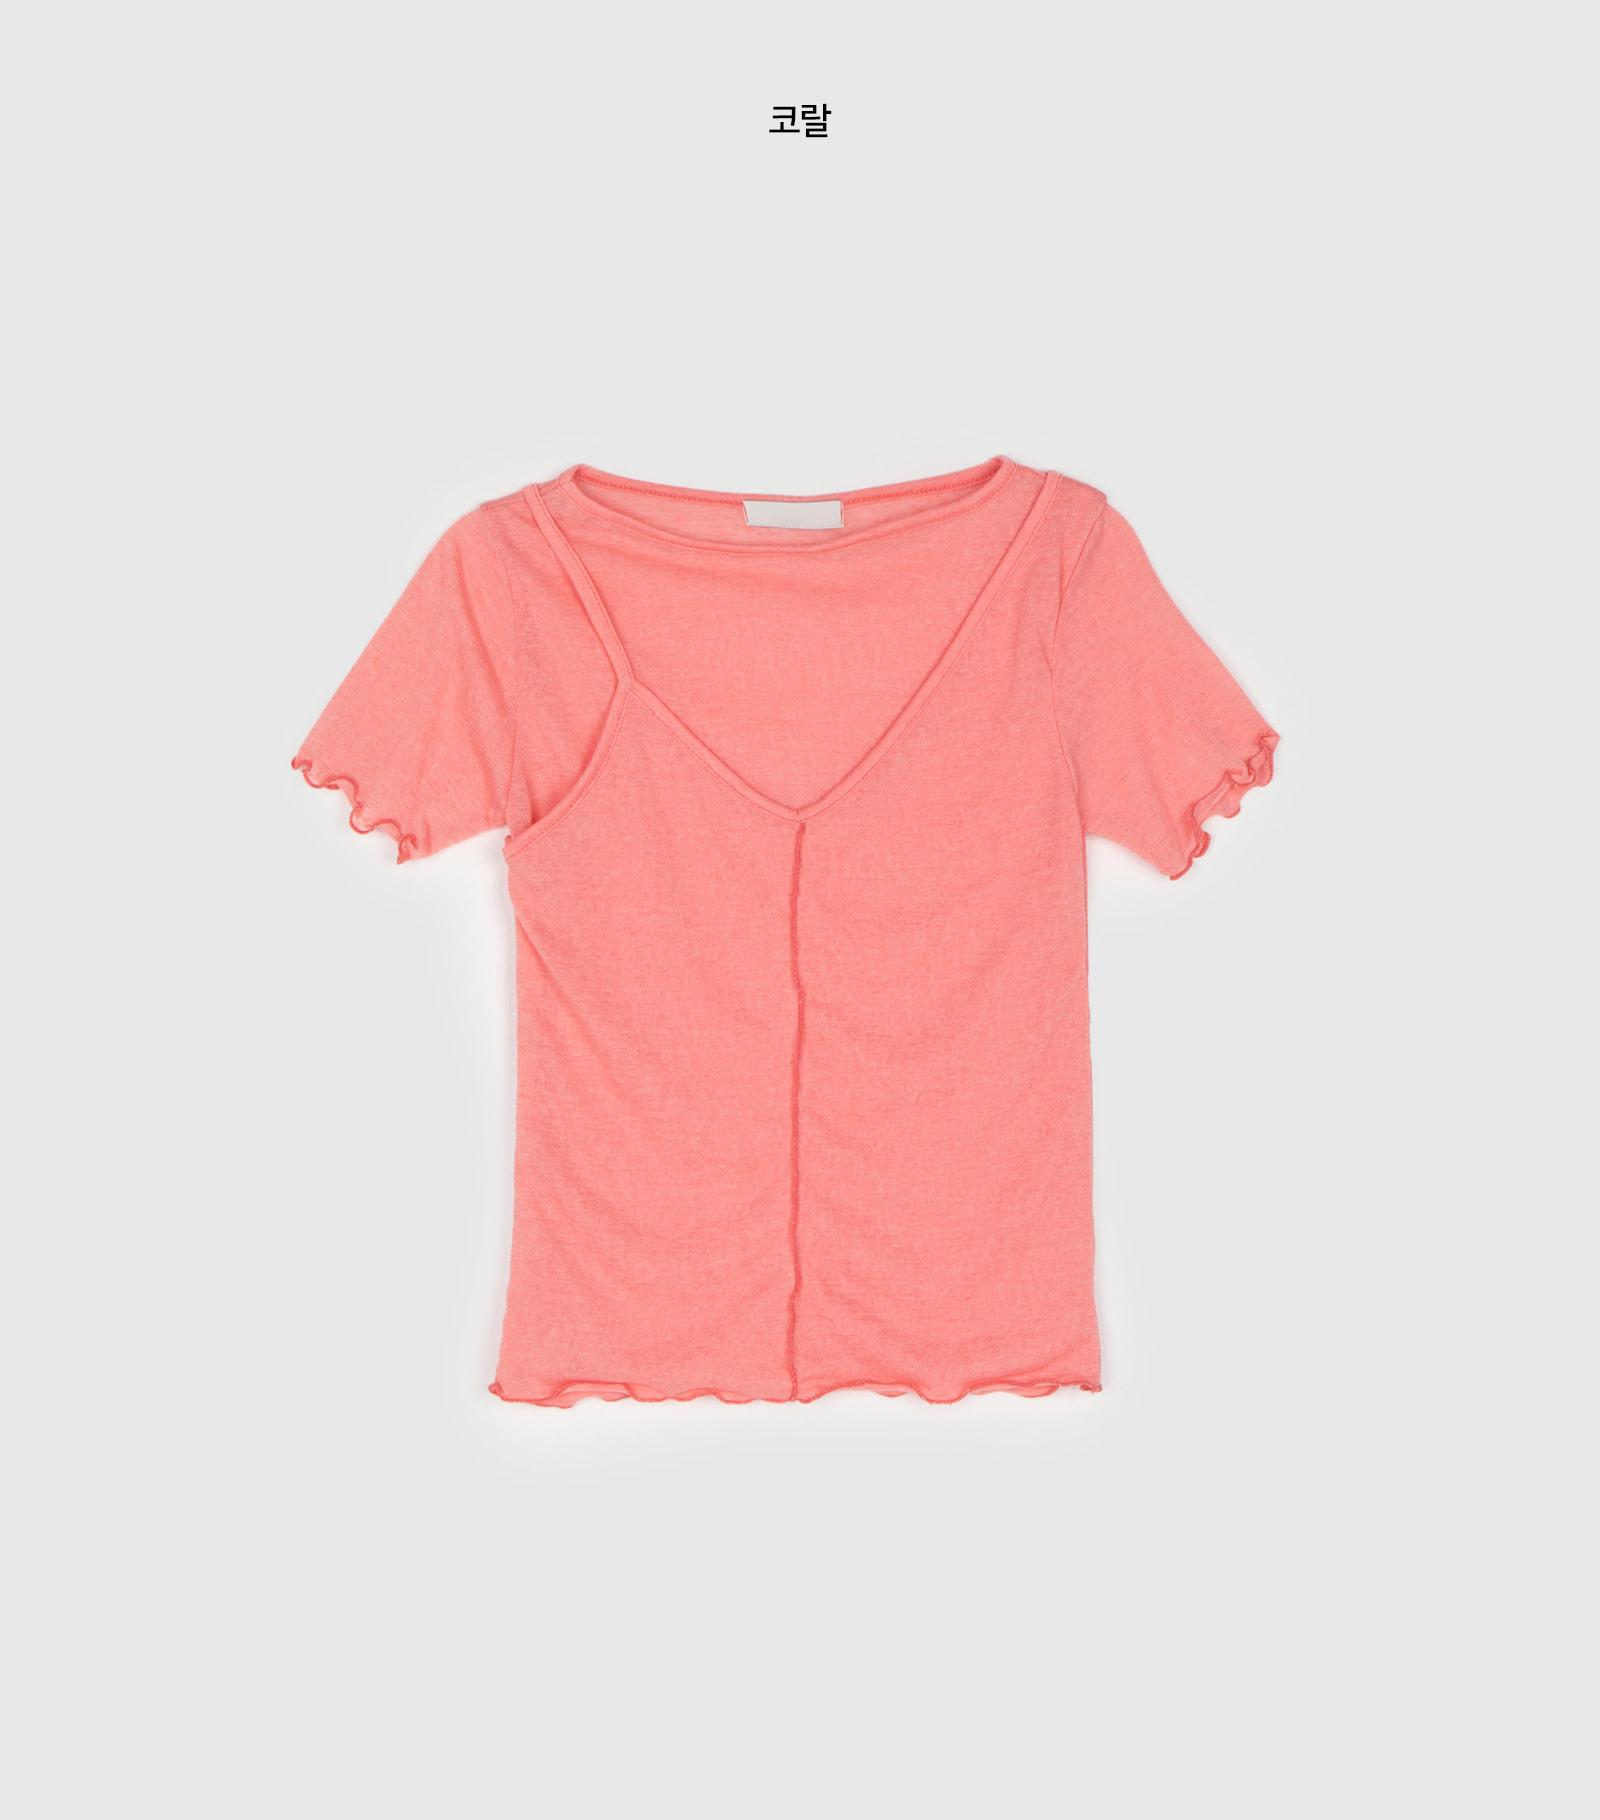 Half-layer style round neck T-shirt